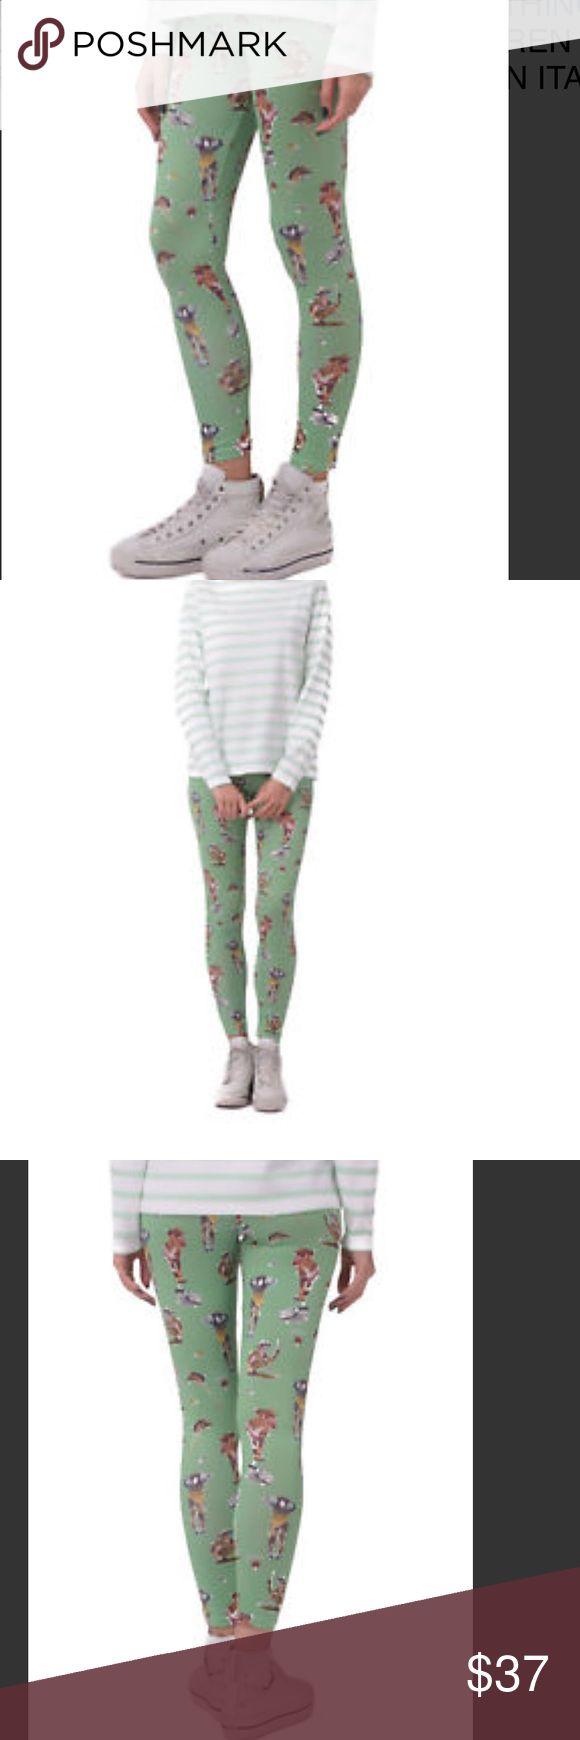 NWT!! DIESEL Leggings DIESEL Size S Women's SKF-LOREN Printed Elasticated Leggings Made in Italy Diesel Pants Leggings